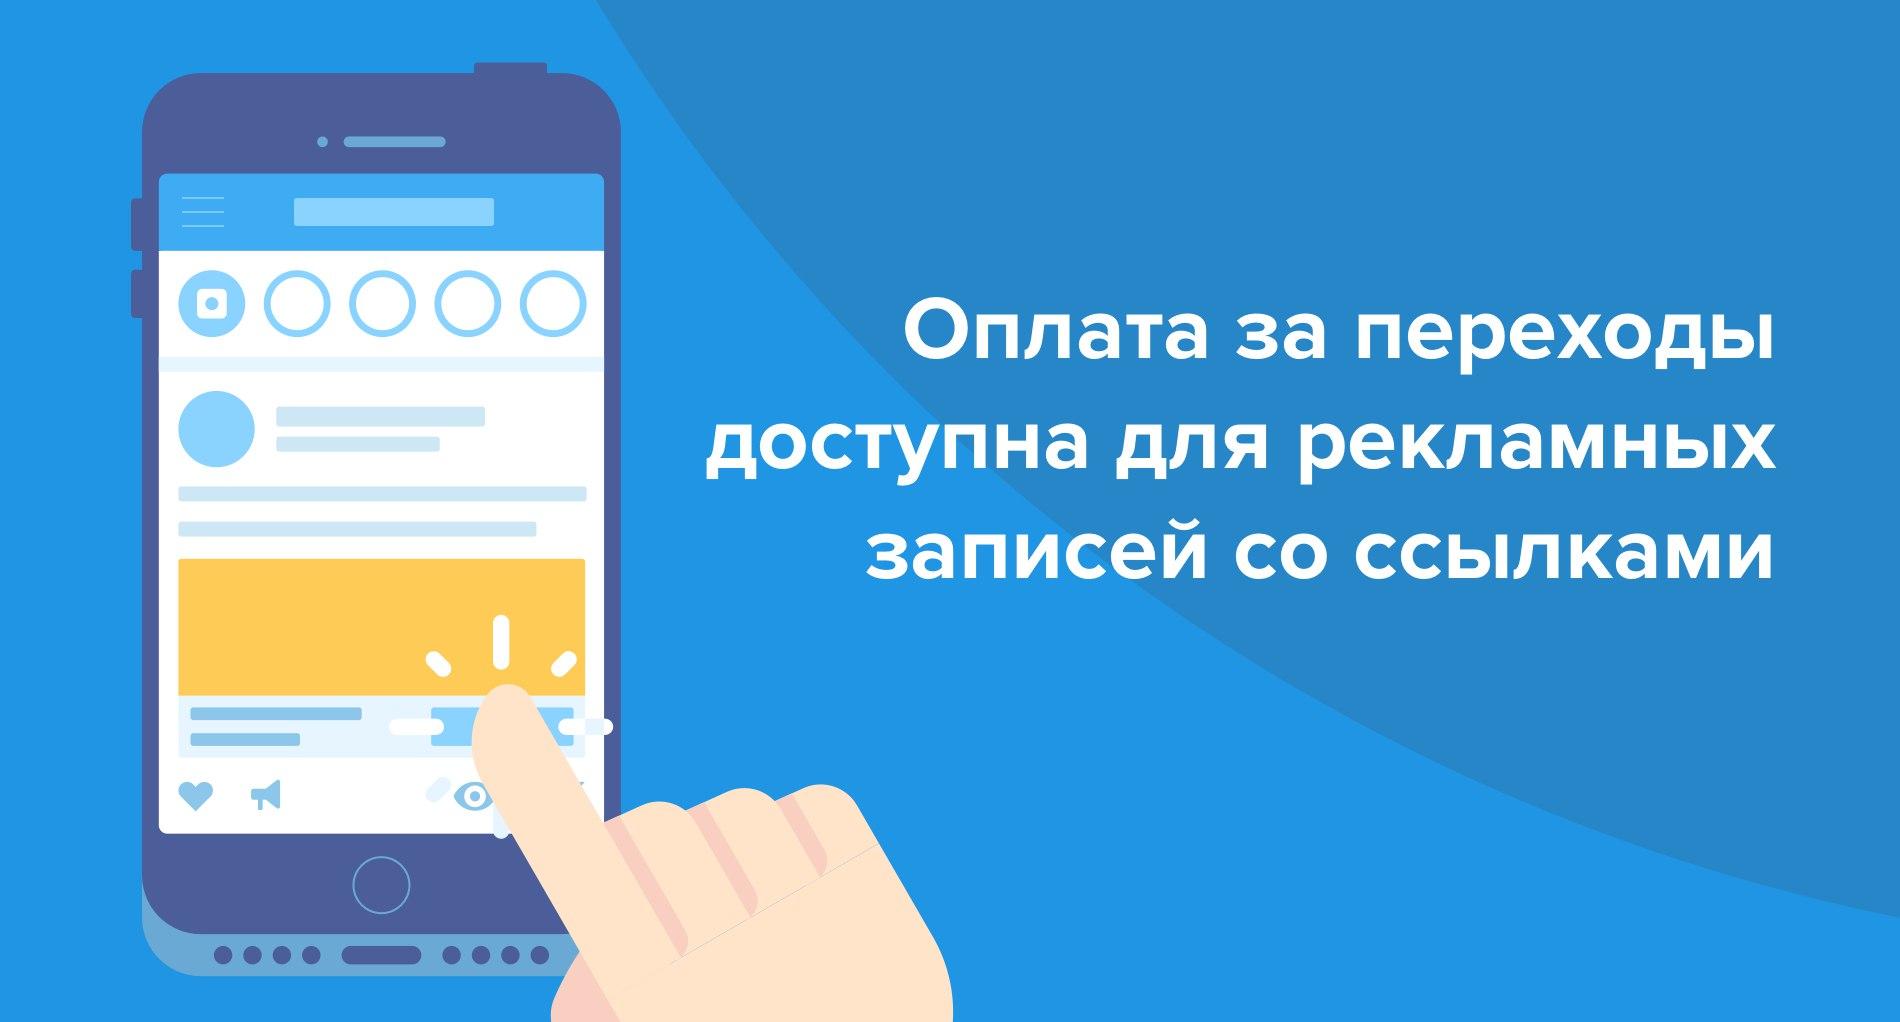 Стала доступна оплата за переходы по ссылке с рекламных записей «ВКонтакте»